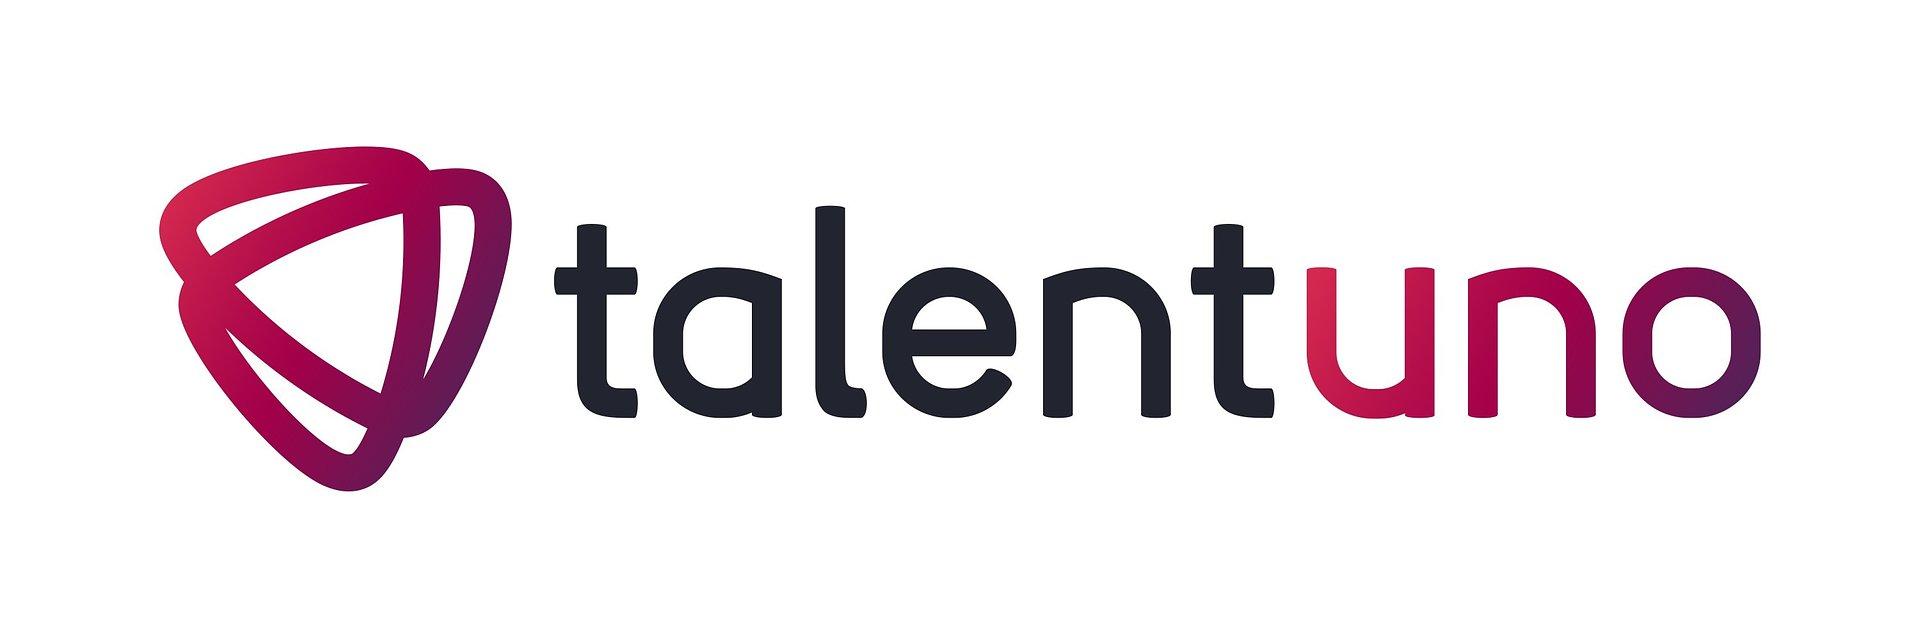 Nowe rozwiązanie Talentuno pomoże bezrobotnym w dobie COVID-19